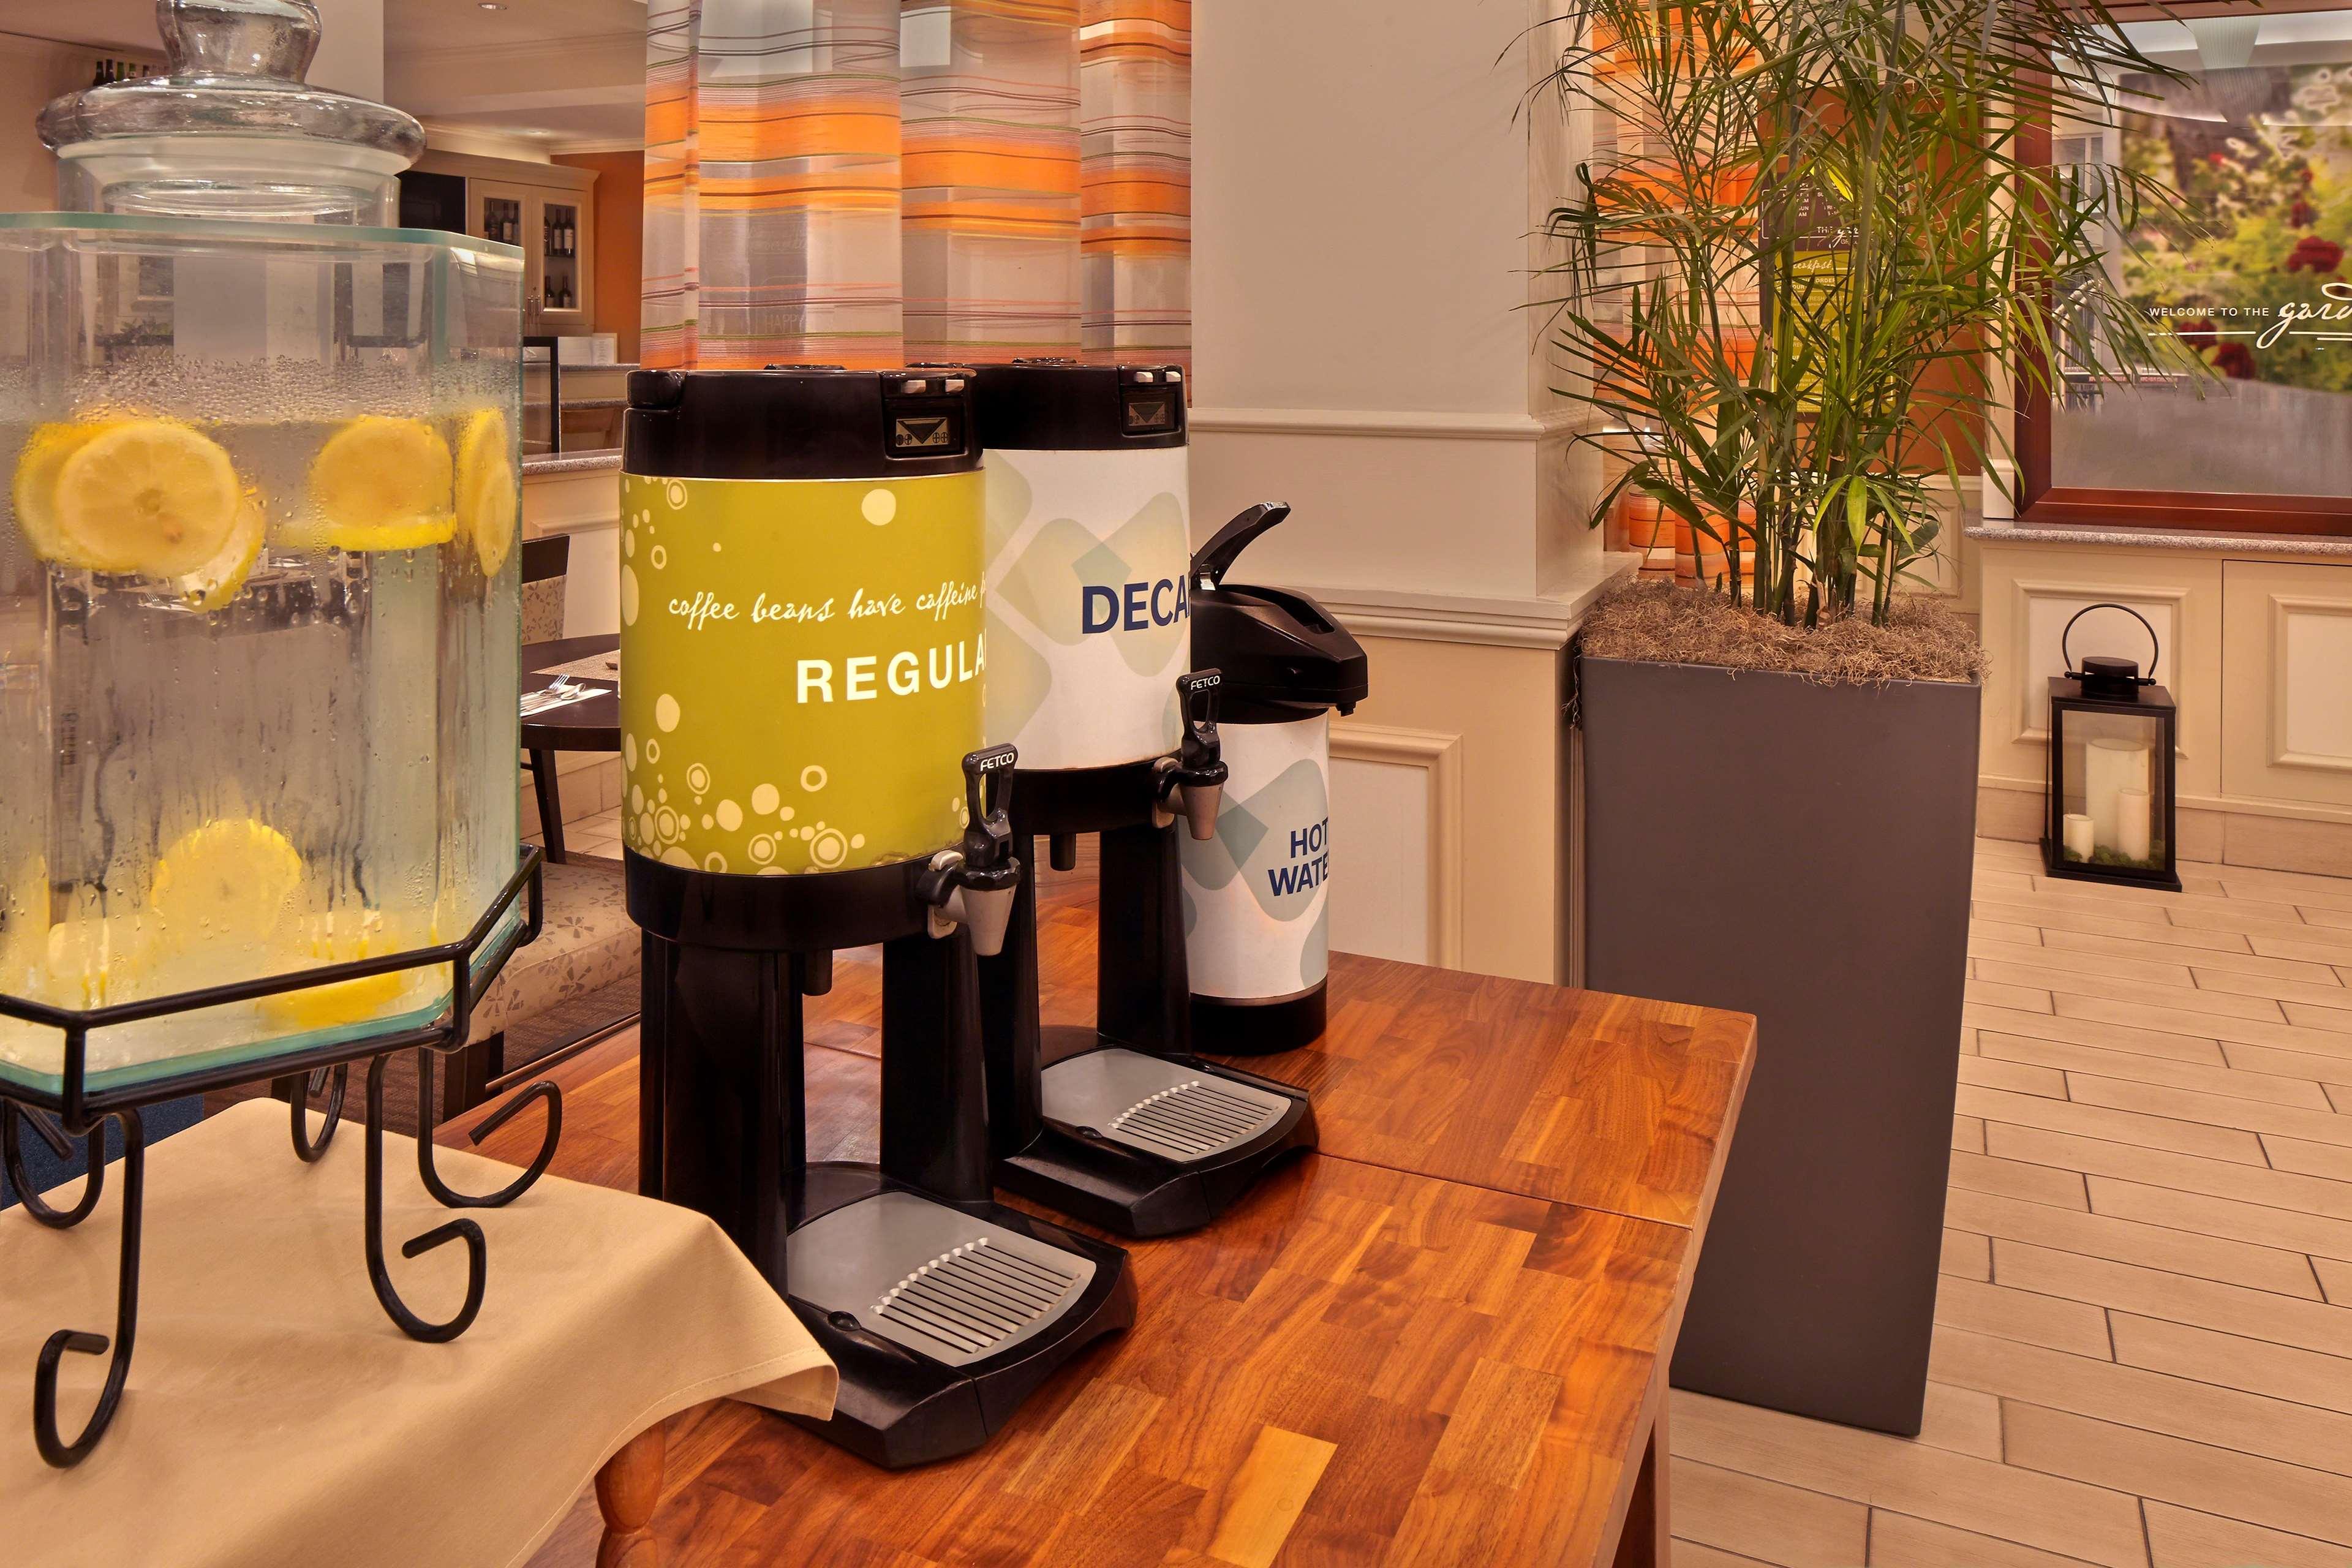 Hilton Garden Inn Danbury image 4